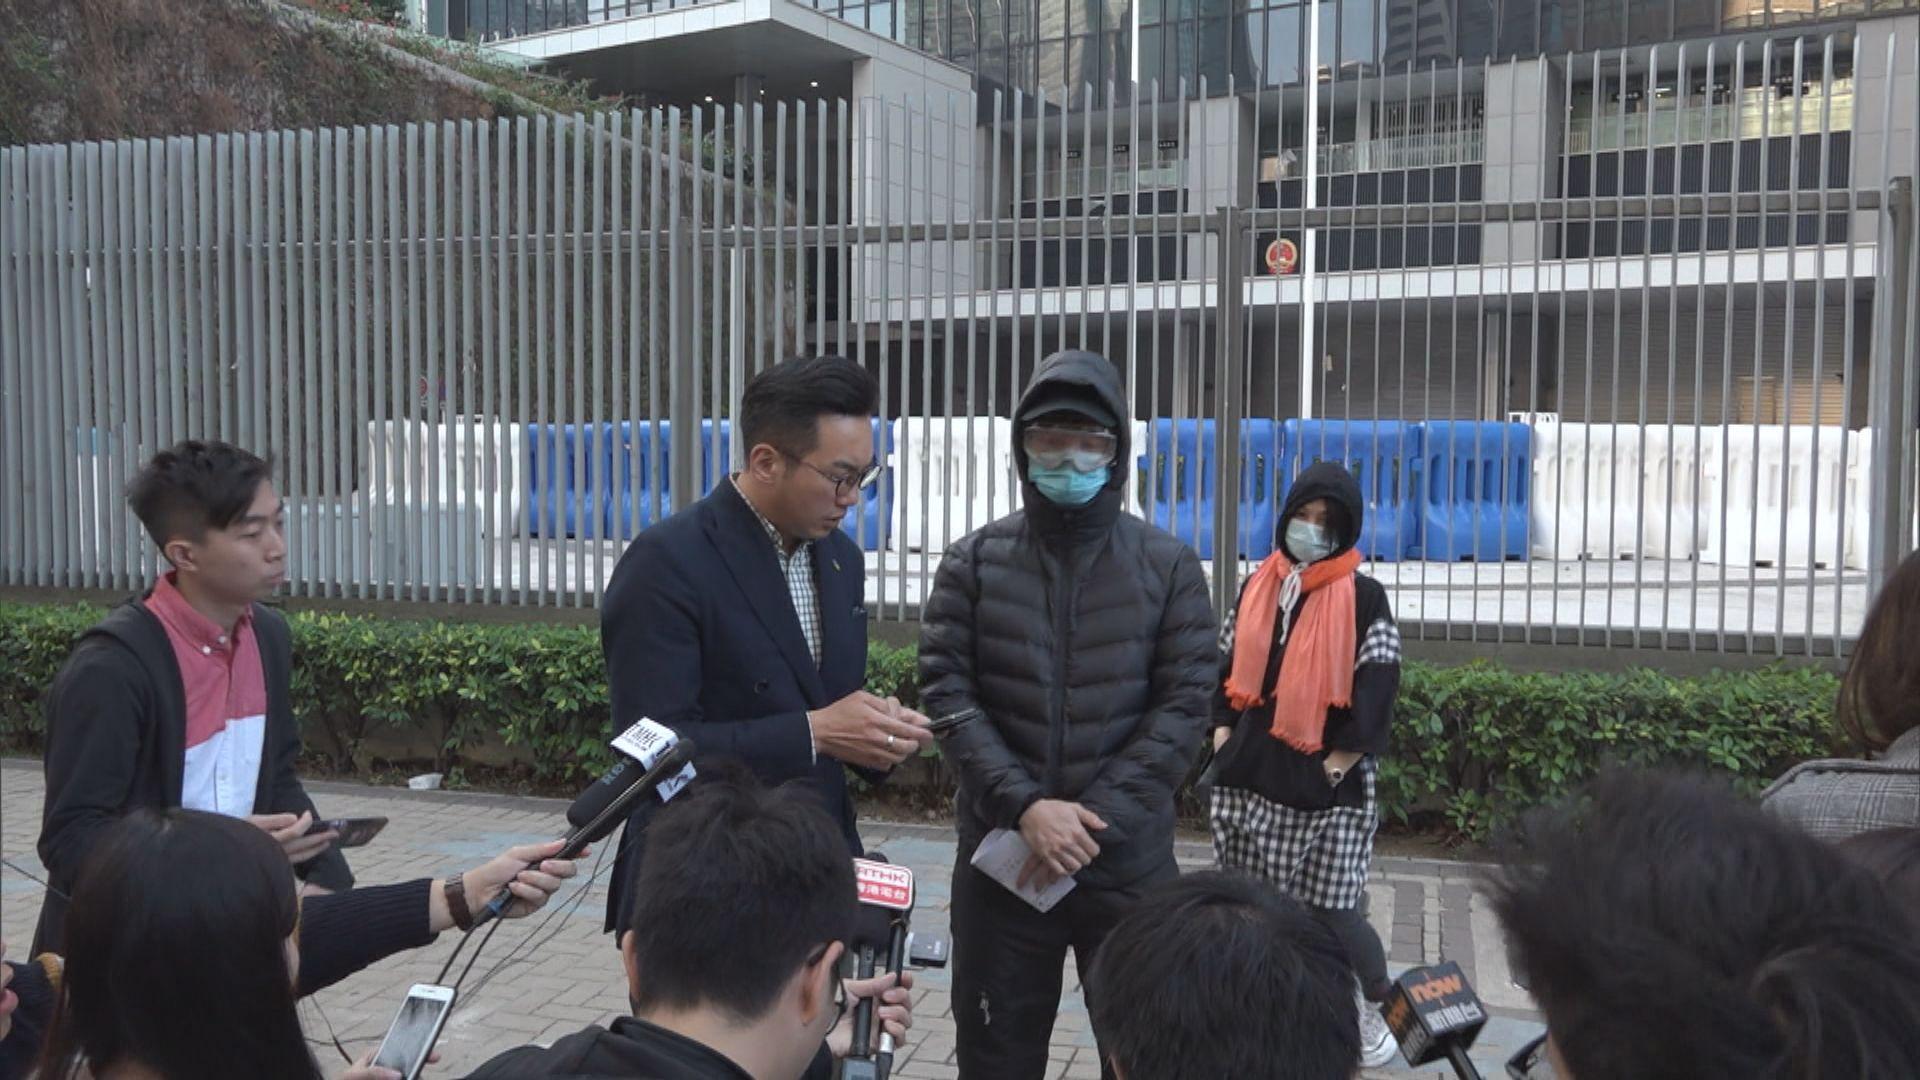 「國難忠醫」成員懷疑在廣州遭「行政拘留」